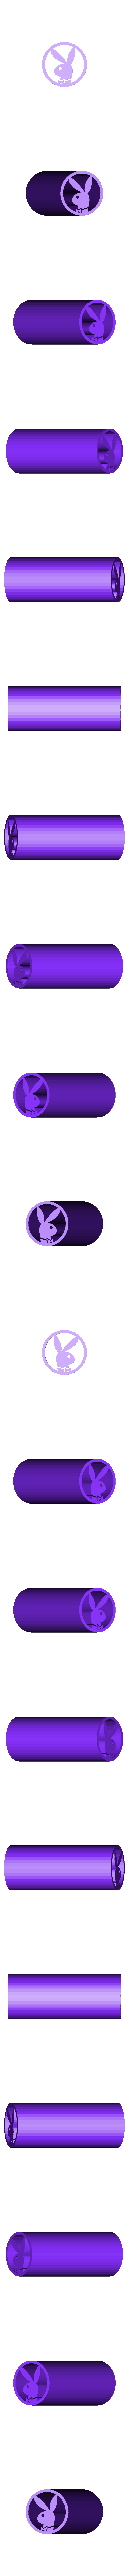 Playboy.STL Télécharger fichier STL 36 CONSEILS SUR LES FILTRES À MAUVAISES HERBES VOL.1+2+3+4 • Design pour impression 3D, SnakeCreations